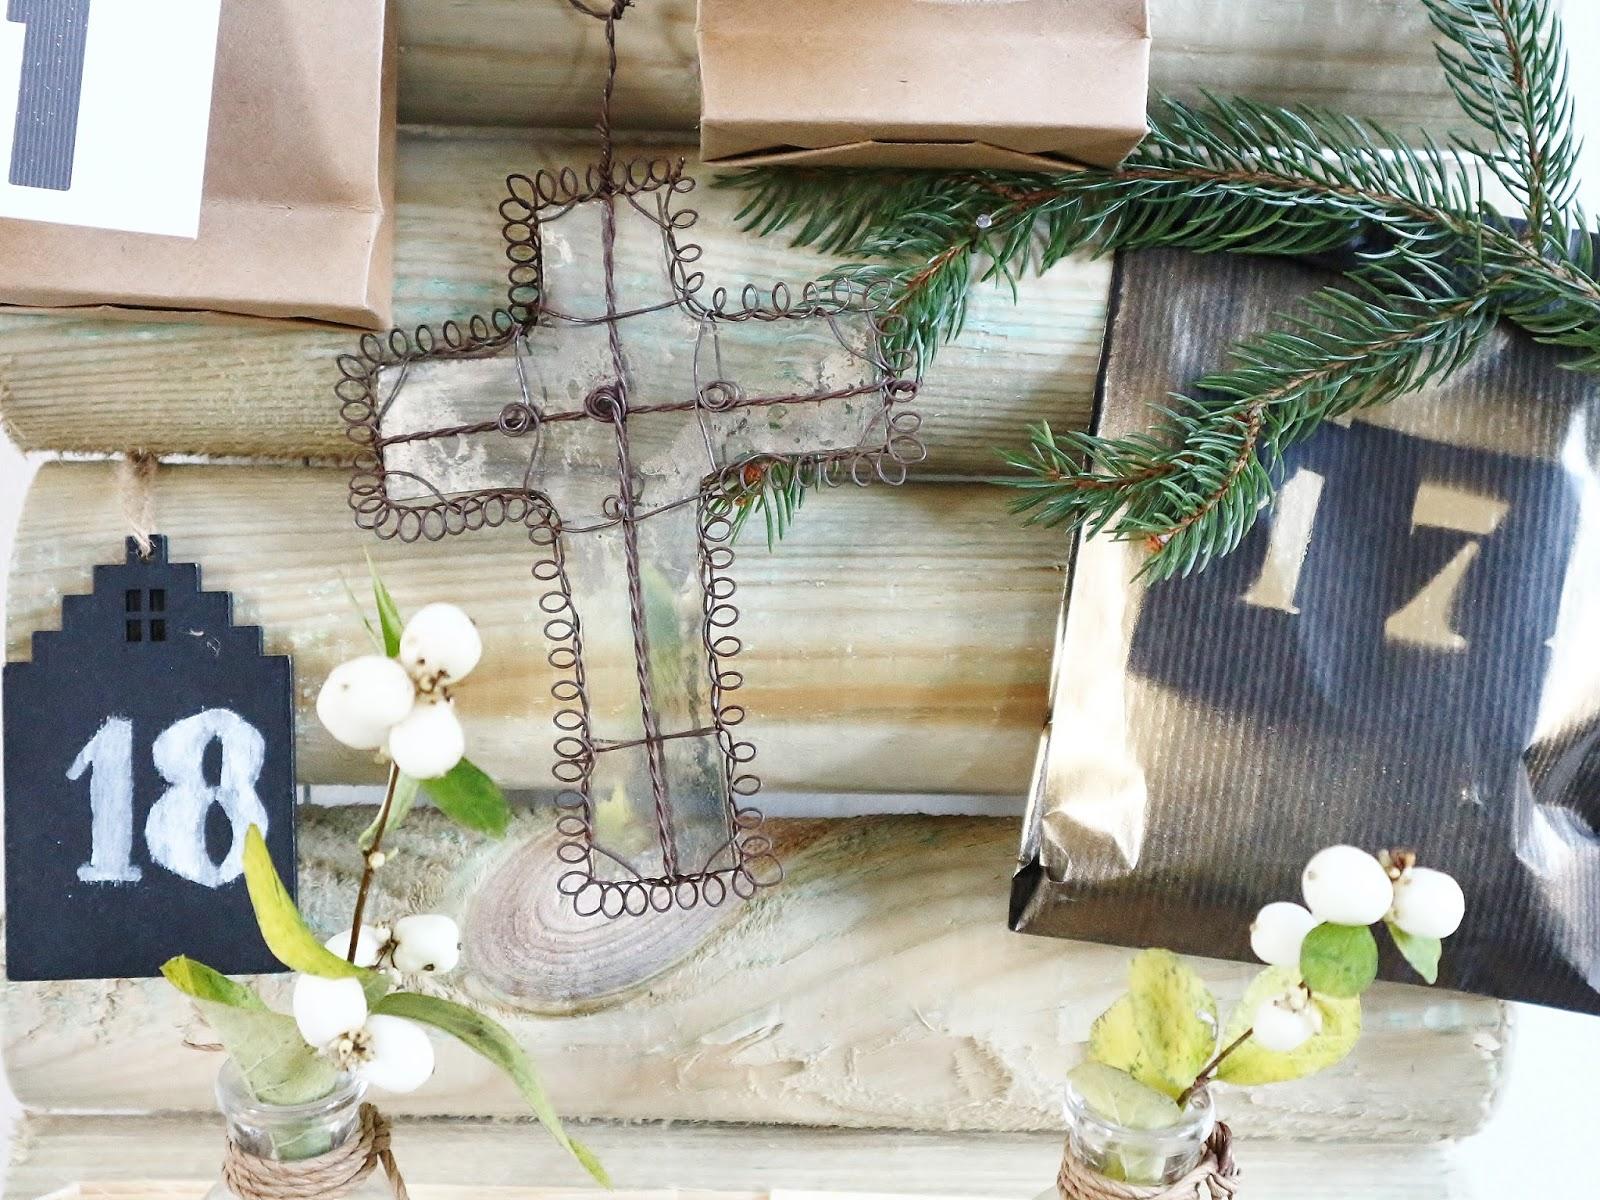 atelier rue verte le blog diy mon calendrier de l 39 avent avec une bordure en bois. Black Bedroom Furniture Sets. Home Design Ideas